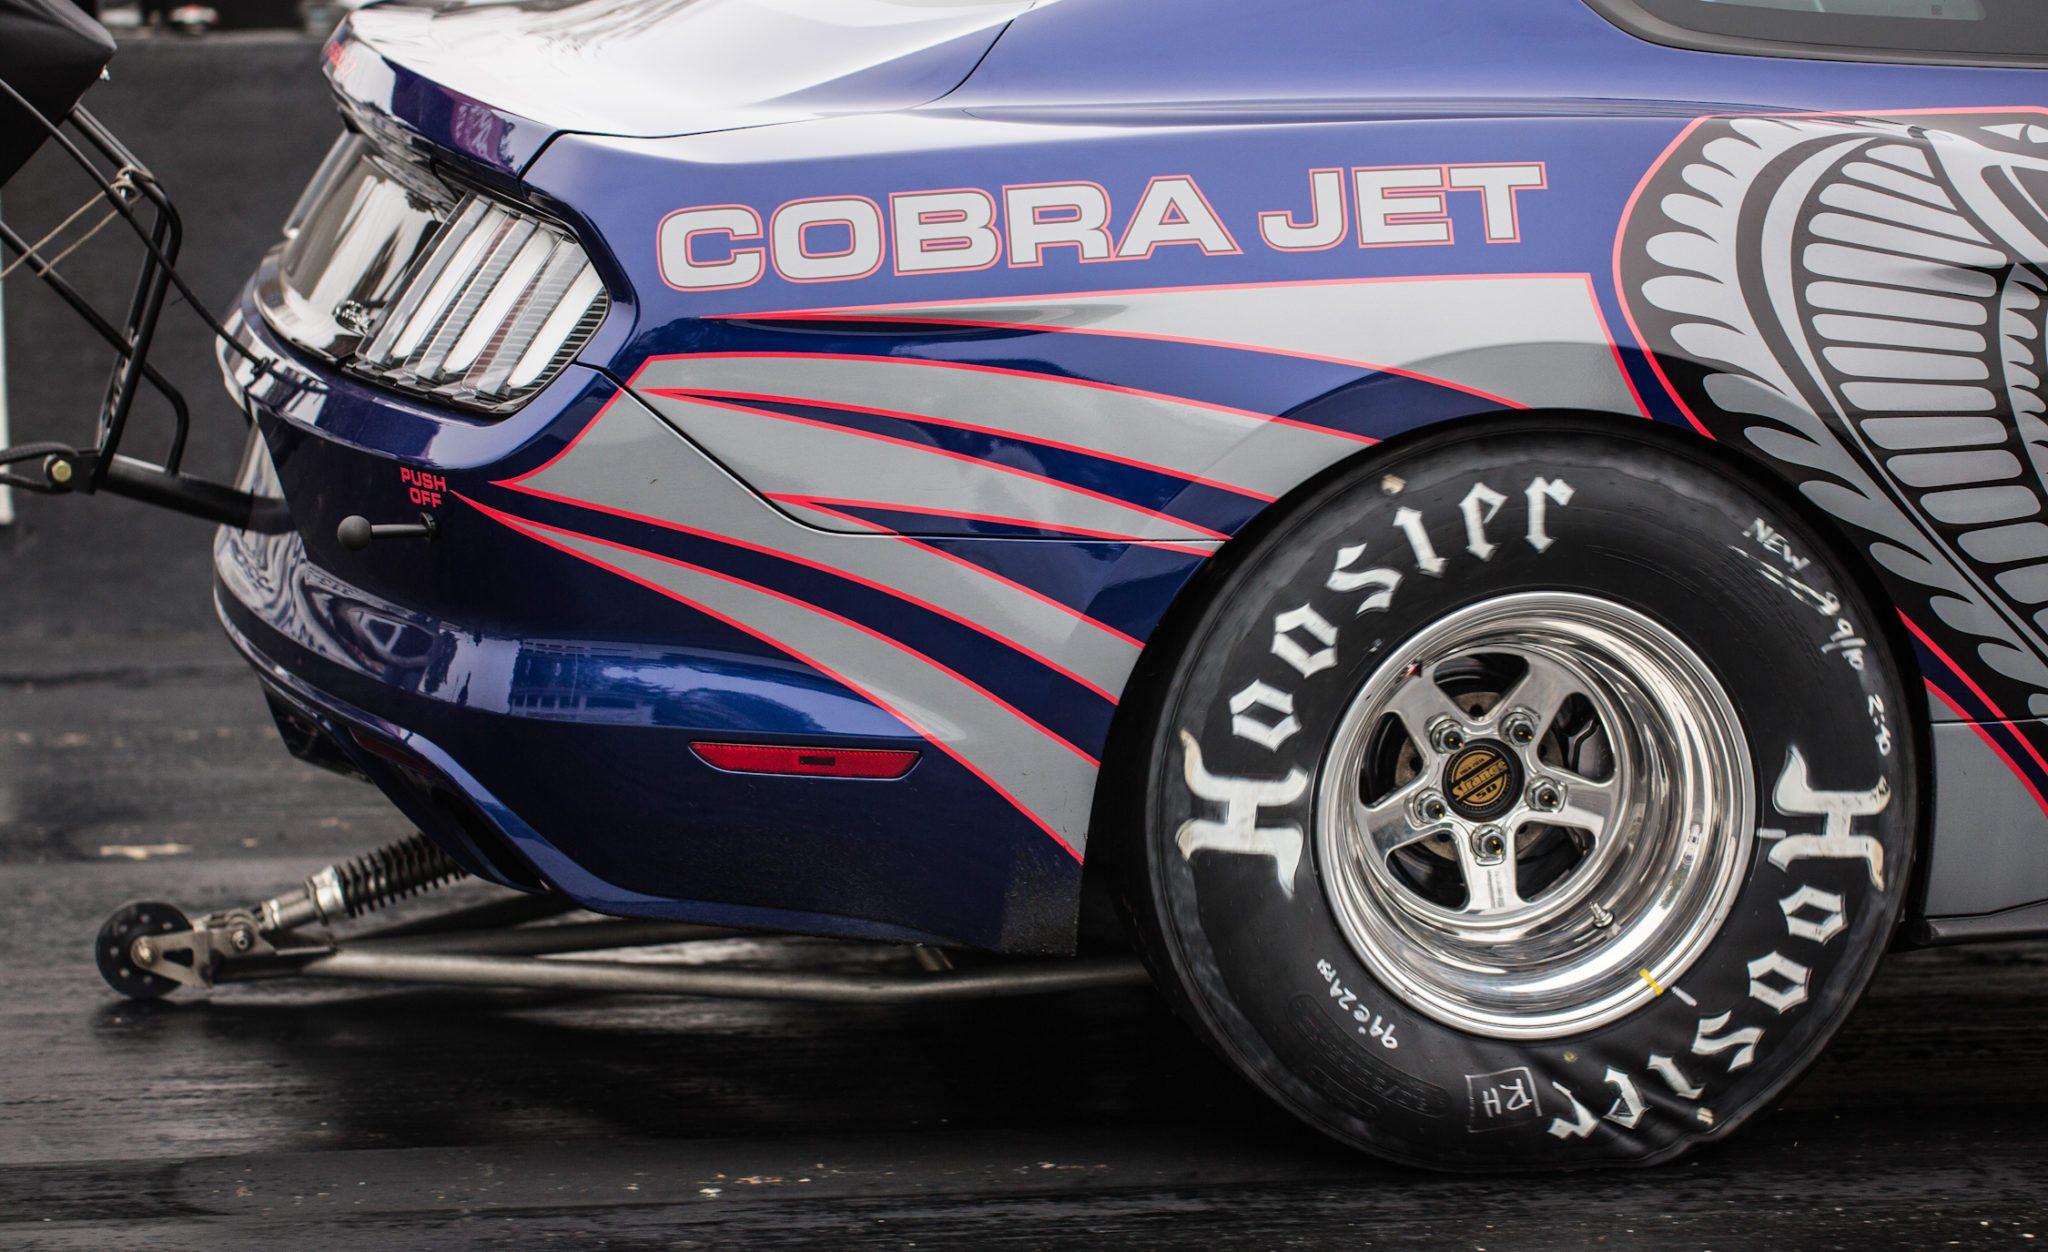 COBRA JET! LA-LA-LA-LA-LA: Ford Debuts New Cobra Jet Mustang Drag Car 1